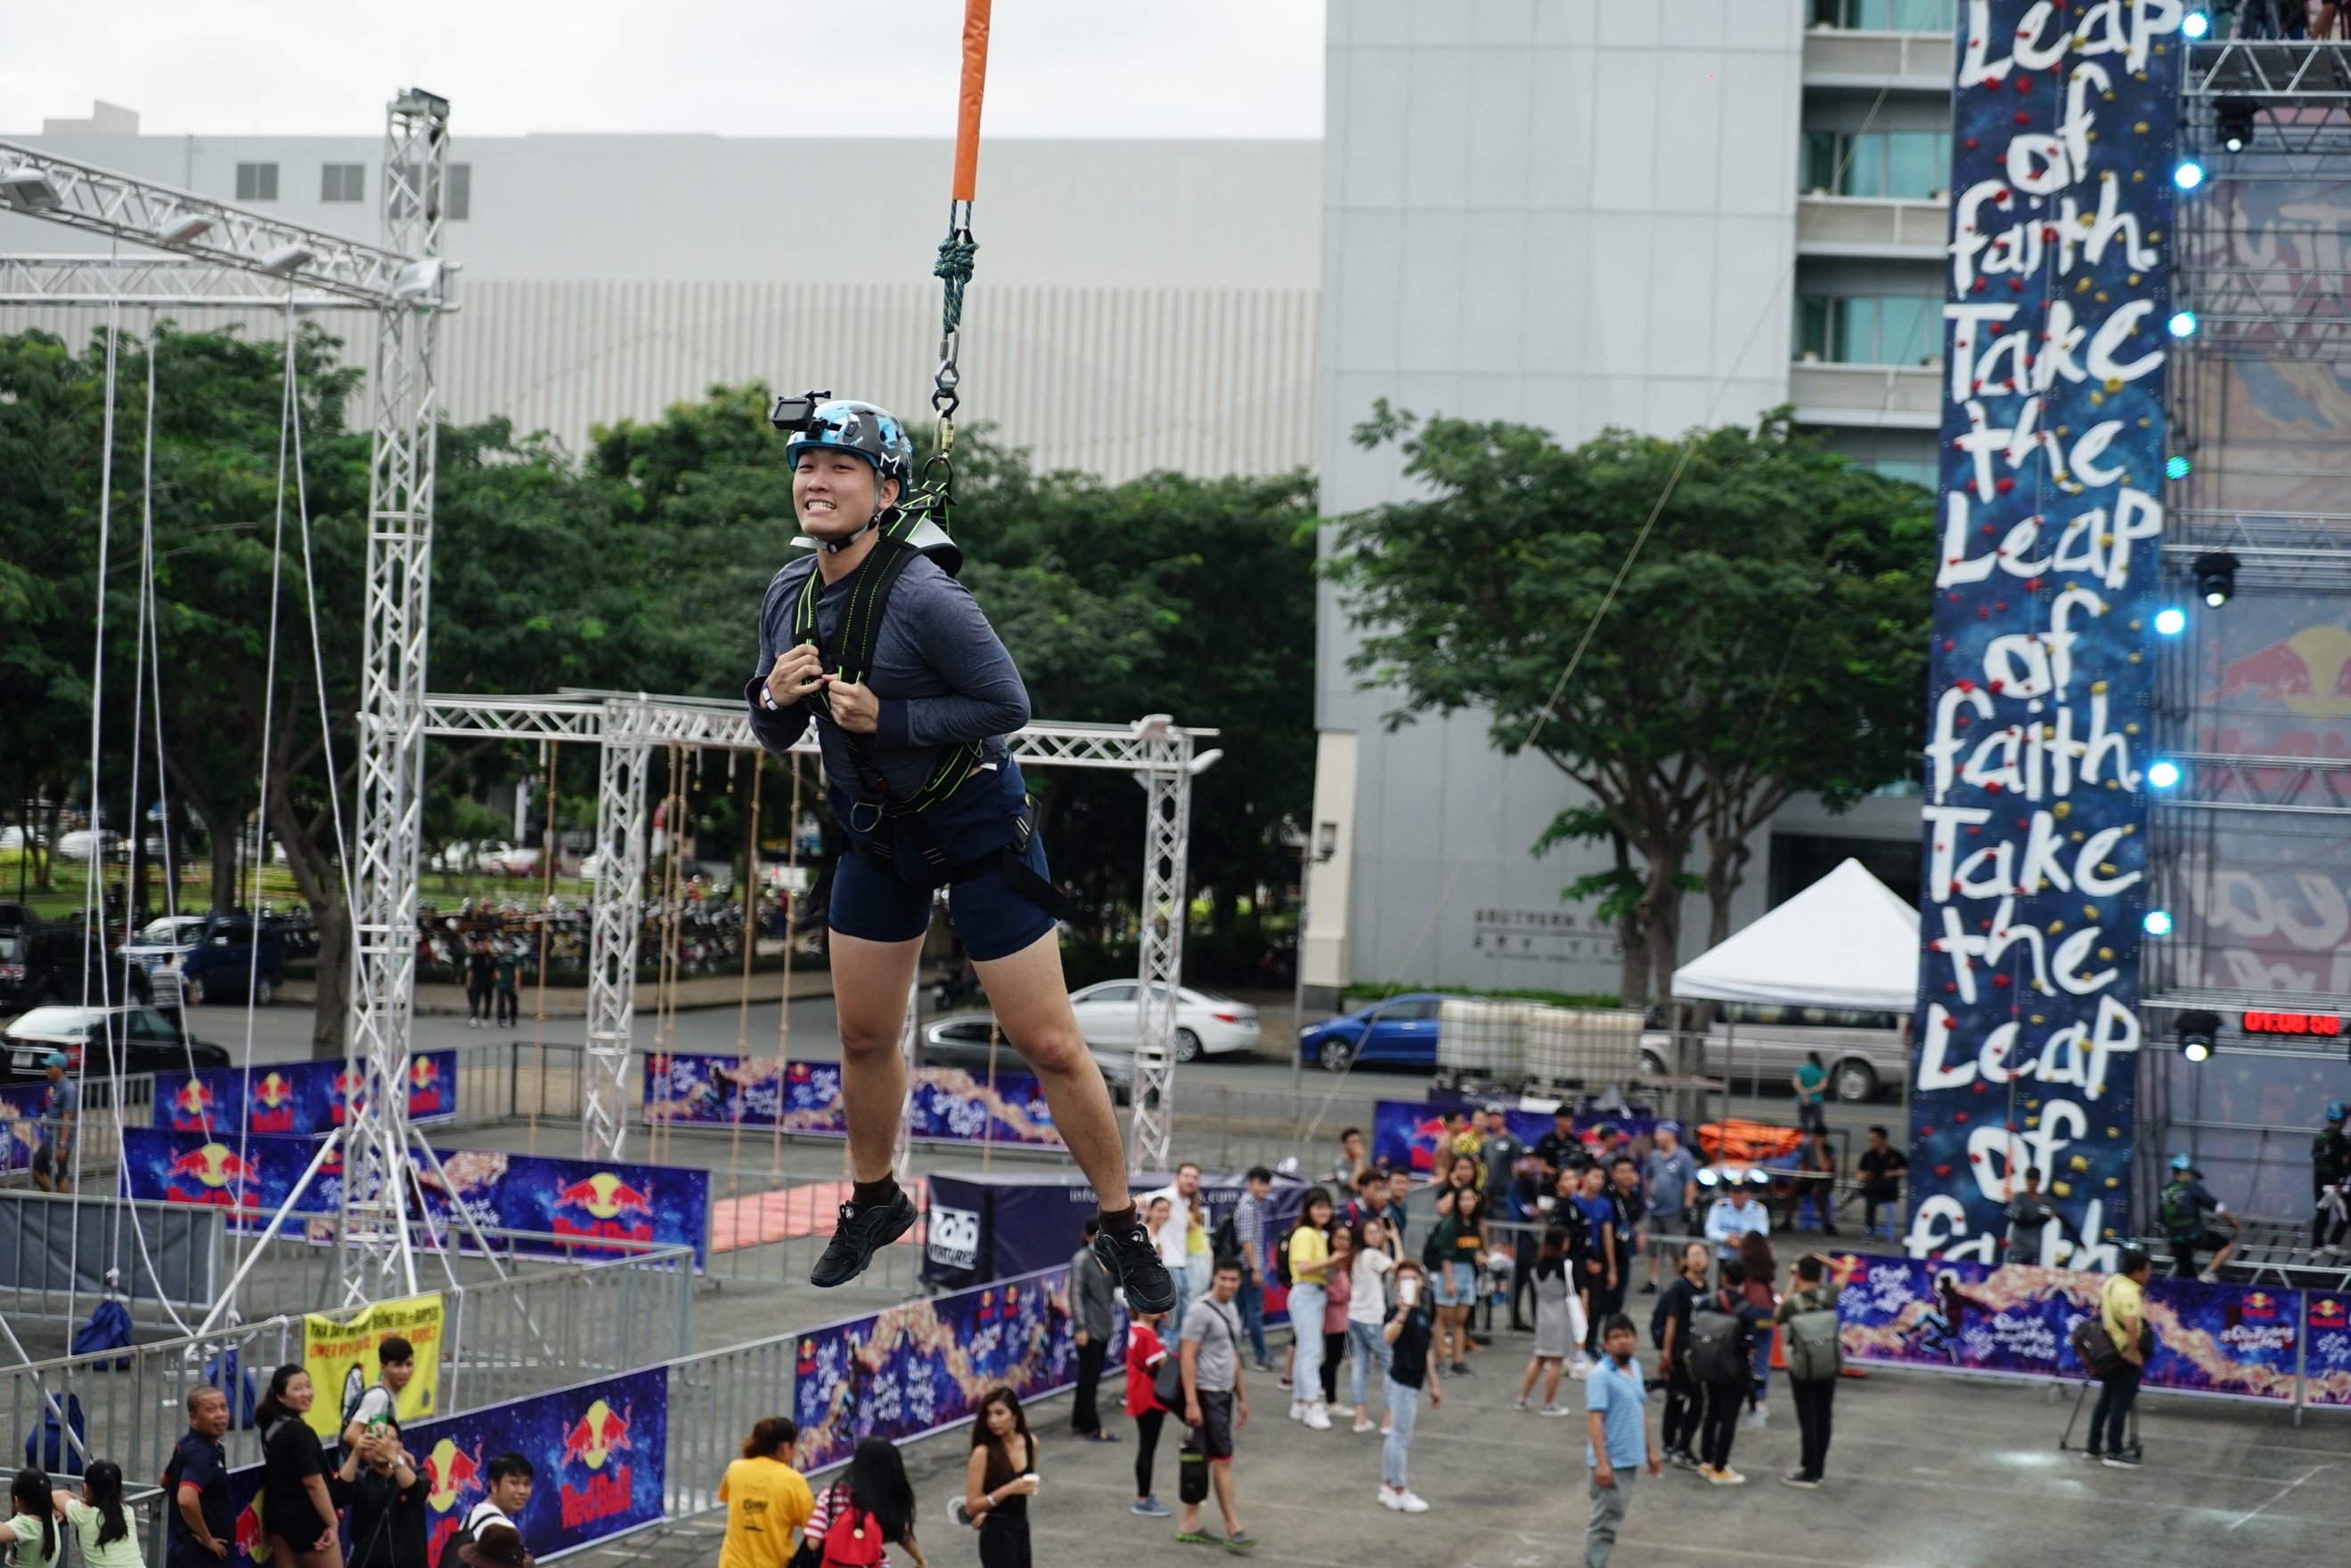 Sao Việt và giới trẻ Sài thành rủ nhau thách thức với zipline mạo hiểm - Ảnh 2.